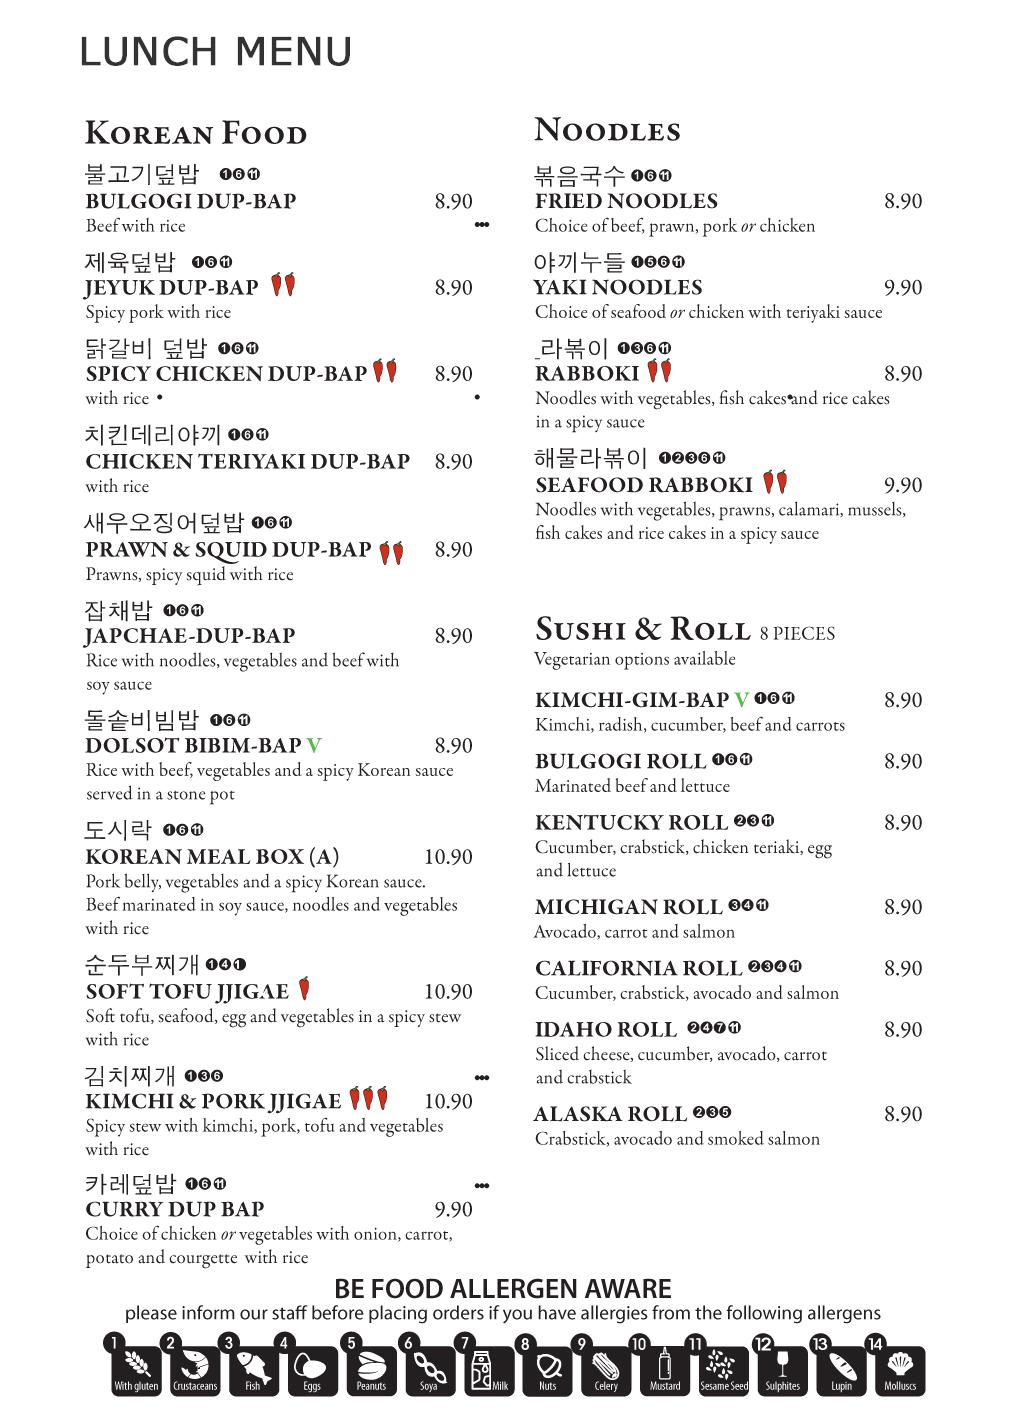 capel-lunch-menu-2-20180808